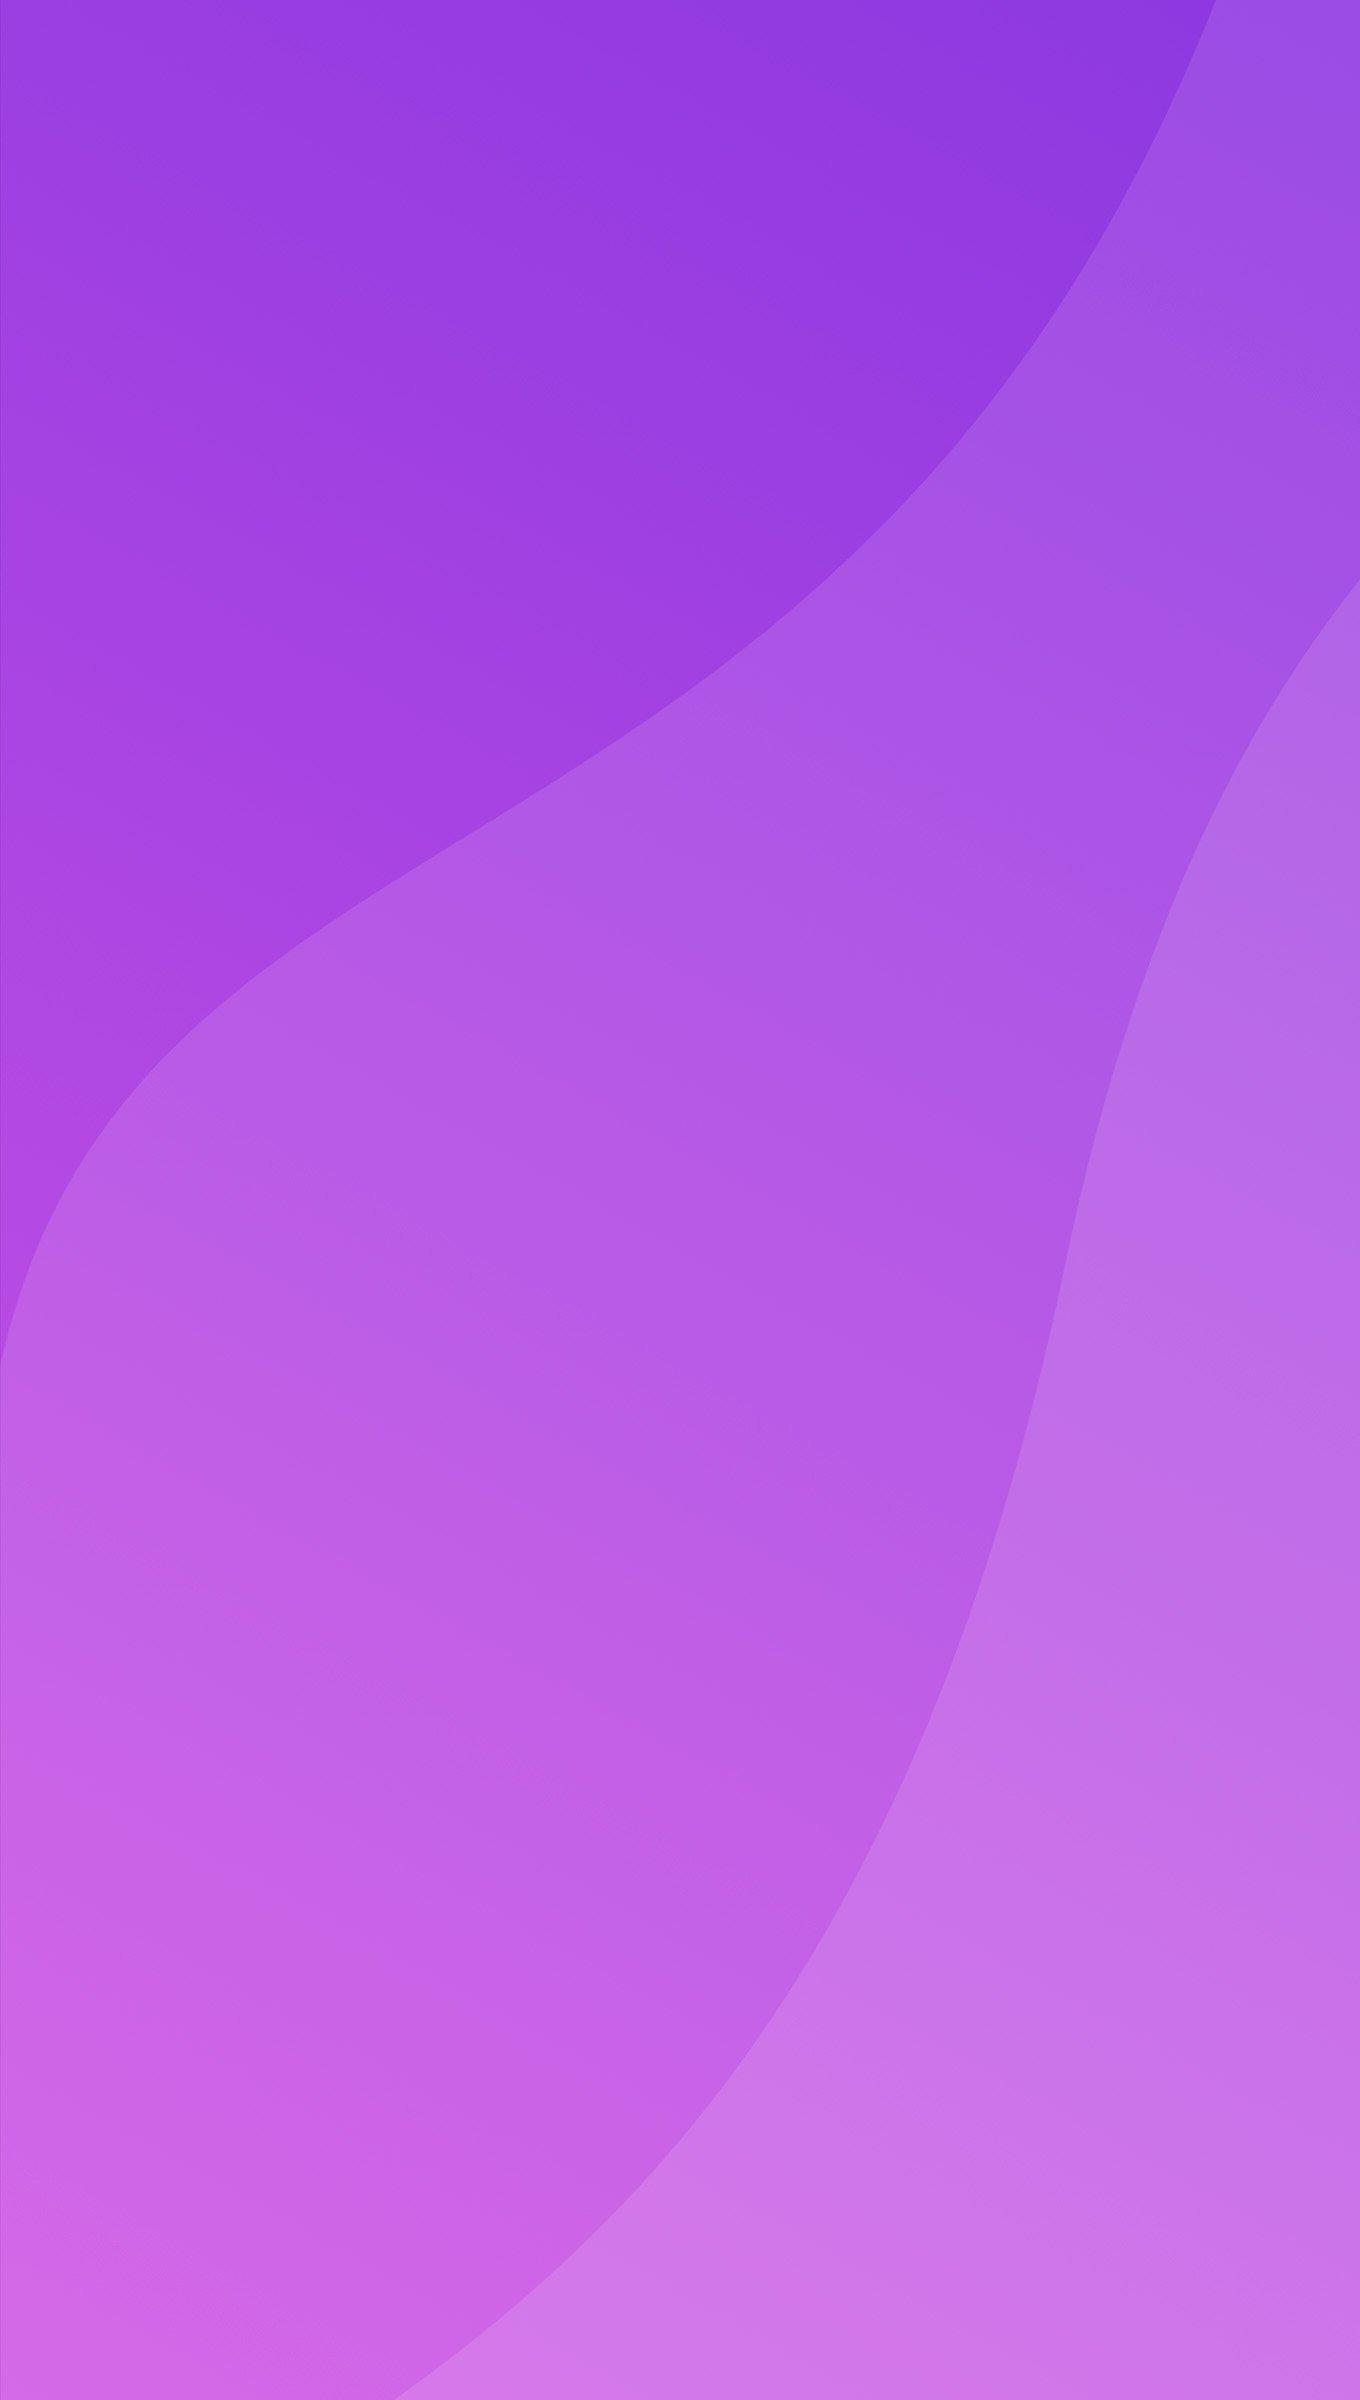 Fondos de pantalla Ondas 2D Degradado Vertical